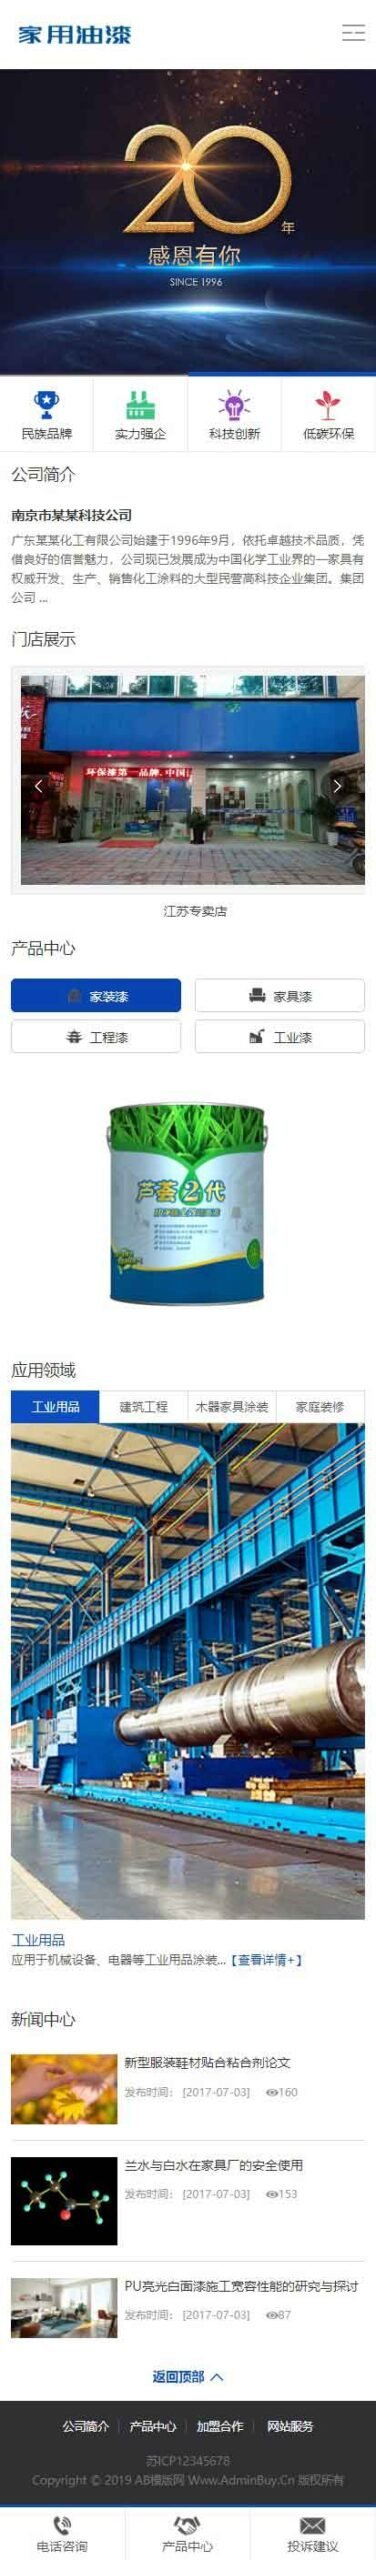 织梦家装涂料模板dedecms油漆网站含手机端数据同步模板源码